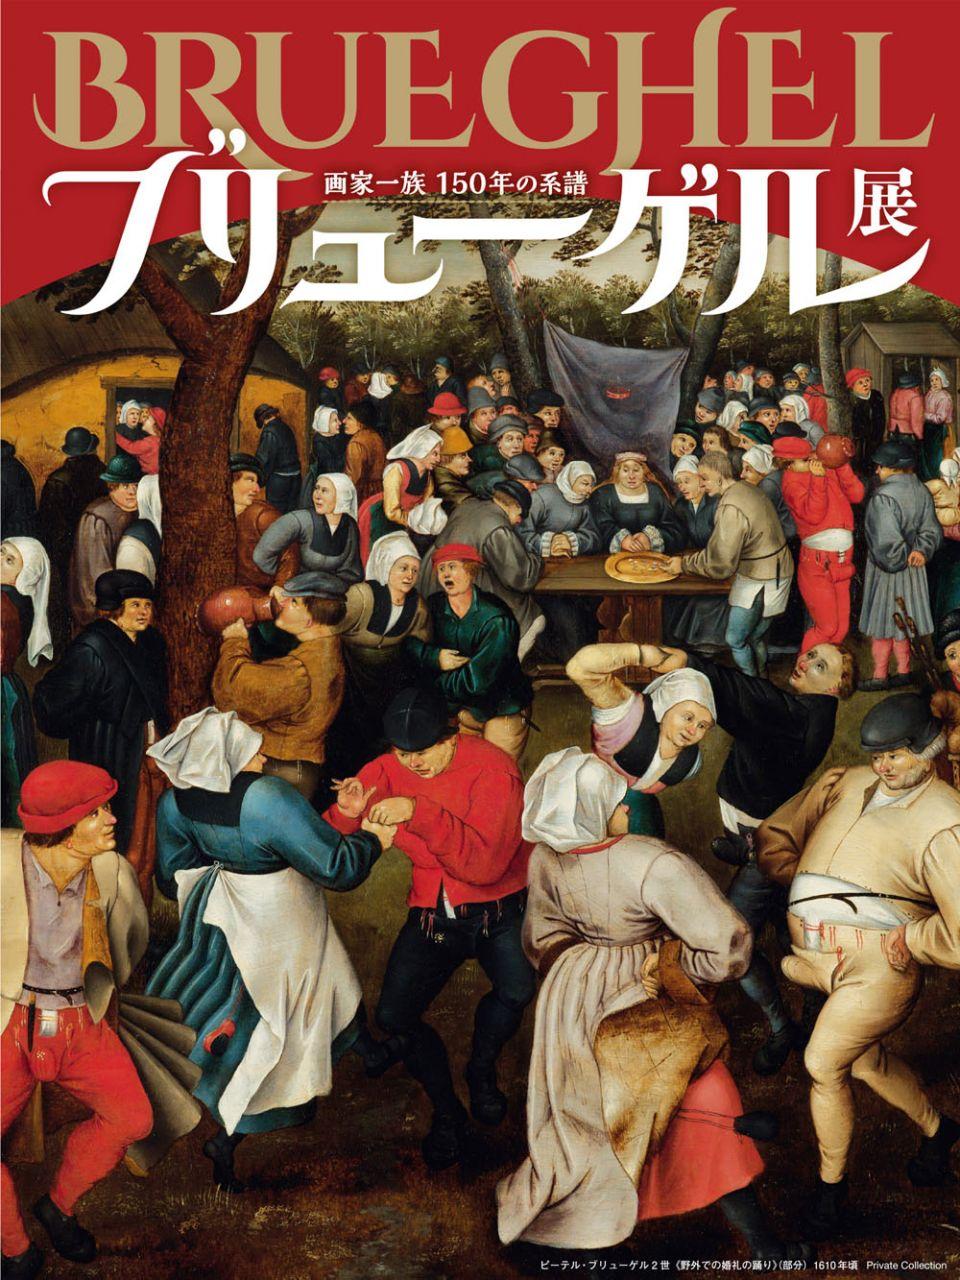 ブリューゲル展-画家一族150年の系譜